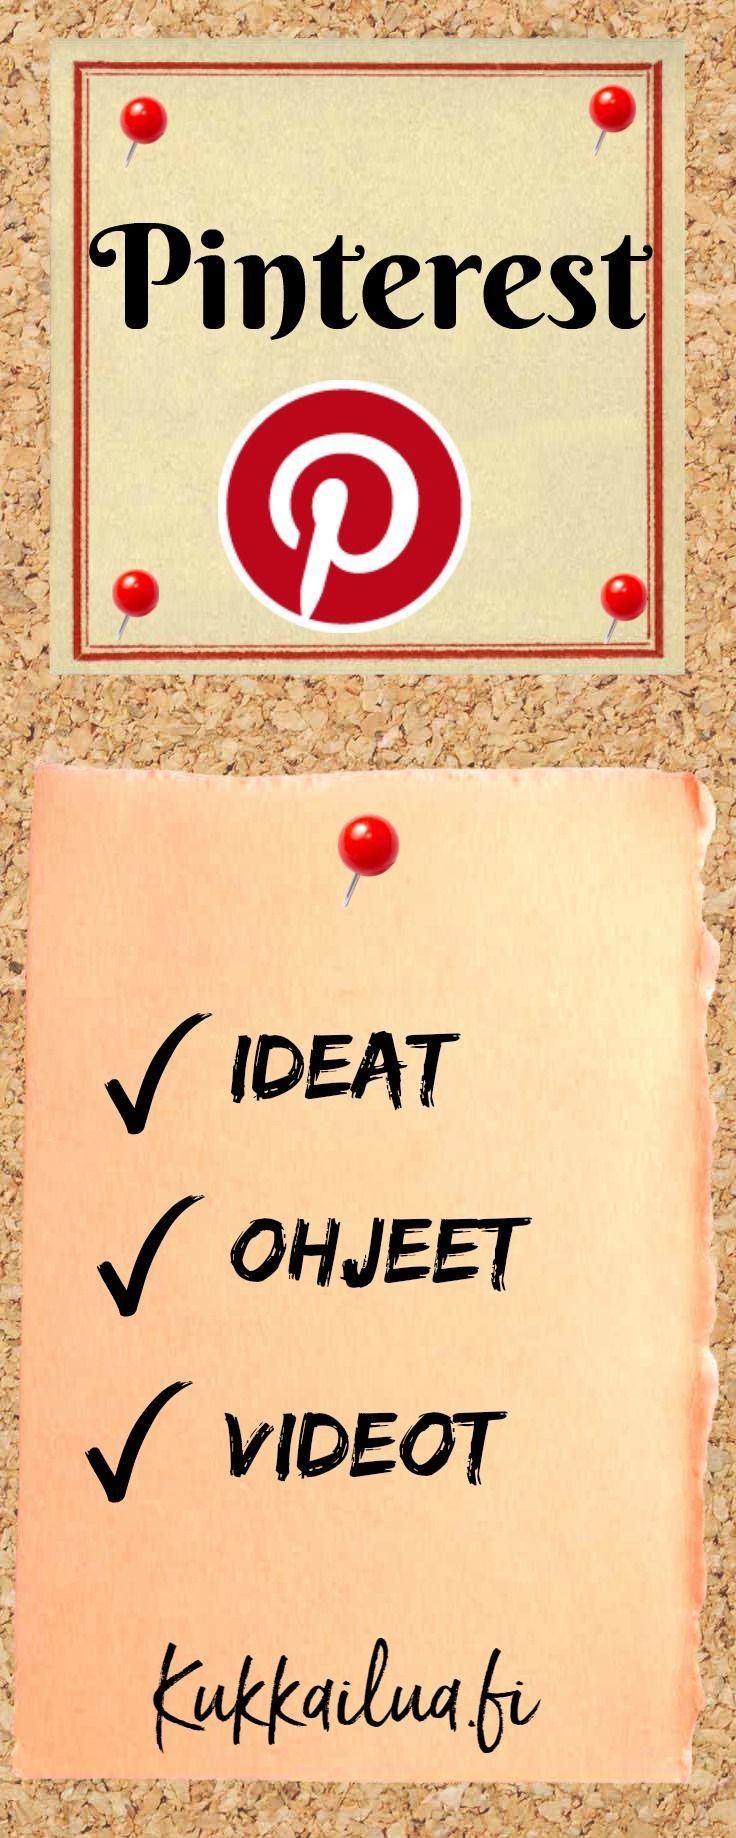 Pinterest ohjeet-Miten otat käyttöön näyteikkunan ja ideoita tauluille – #kukkailua #pinterestohjeet http://kukkailua.fi/pinterest-ohjeet-miten-otat-nayteikkunan-kayttoon-ja-ideoita-tauluille/